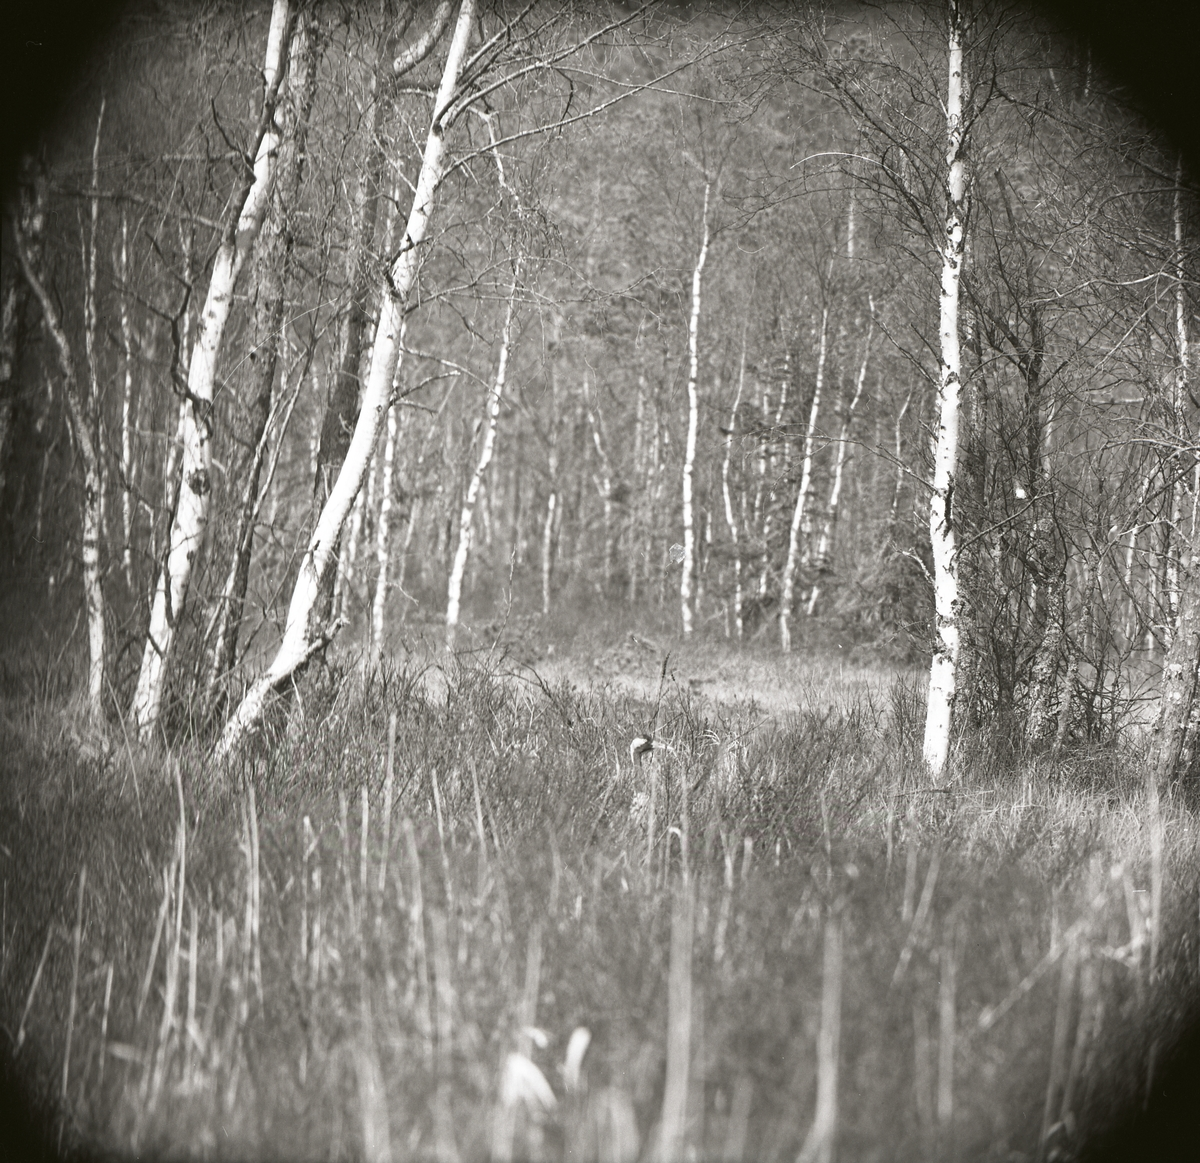 En tranas huvud sticker upp ur gräs intill en skog, maj 1965.